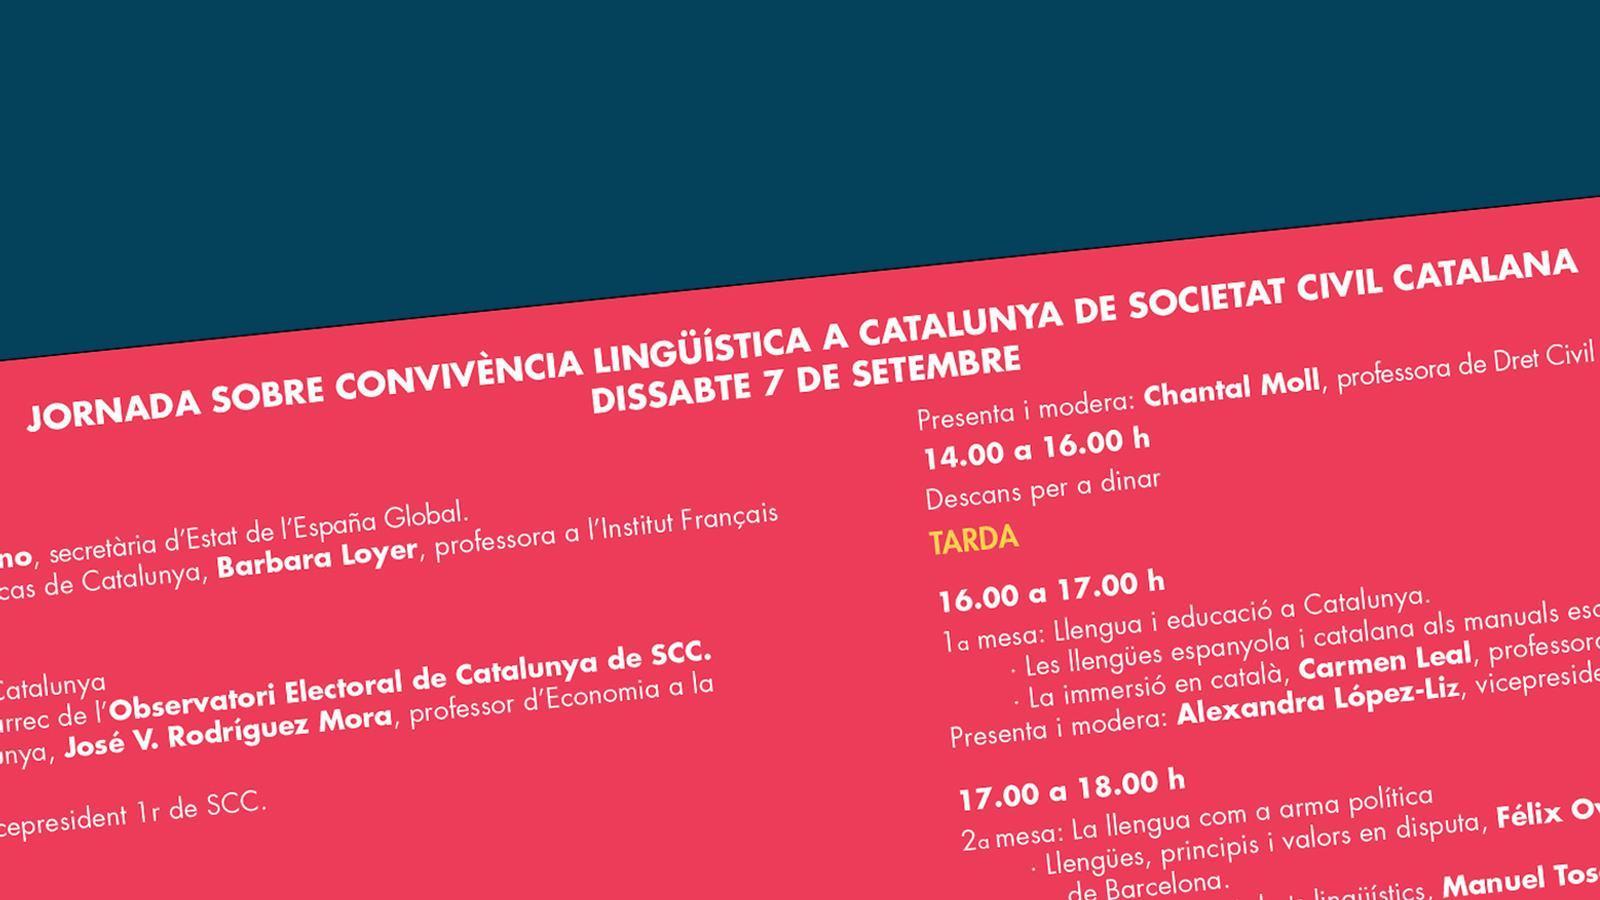 L'anàlisi d'Antoni Bassas: 'El debat sobre la convivència lingüística a Catalunya'